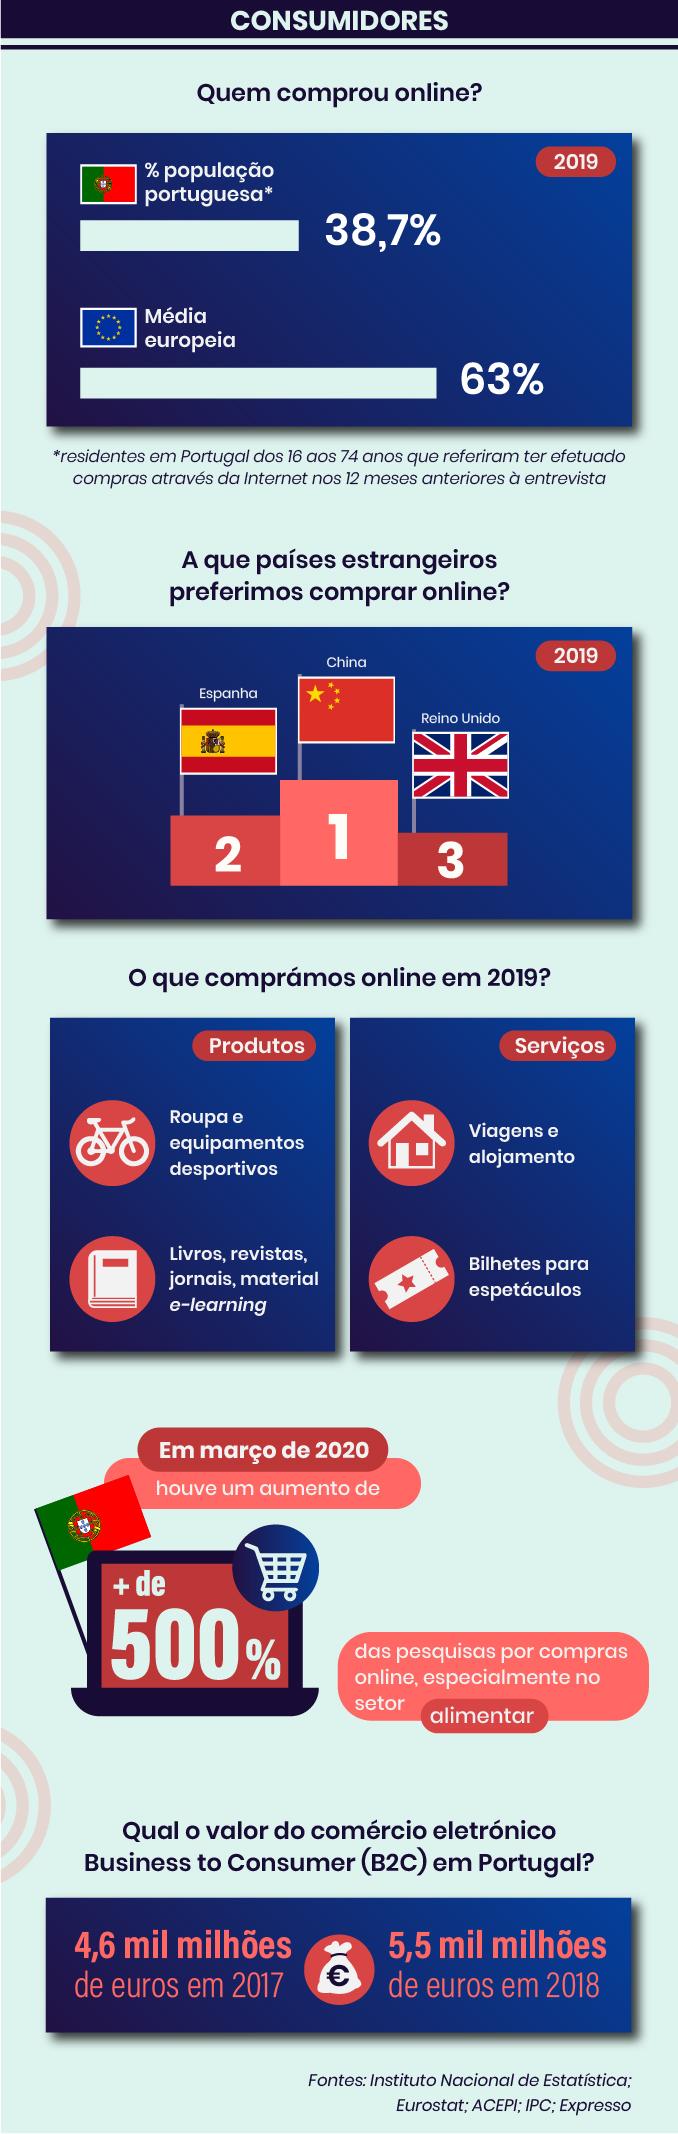 Os consumidores nas estatísticas de e-commerce em Portugal